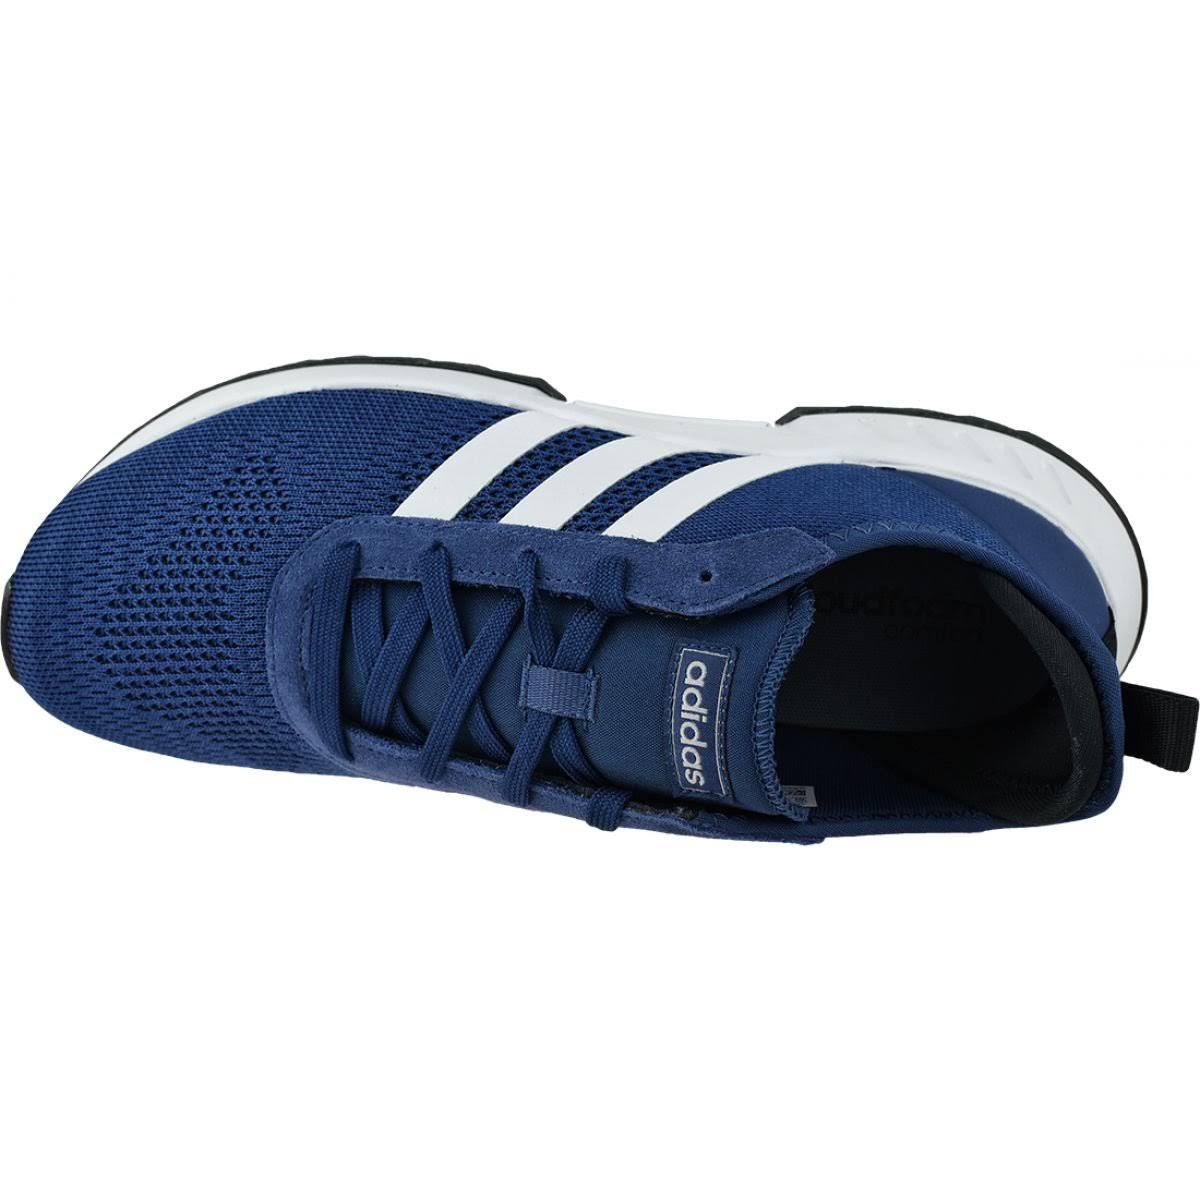 Adidas Scarpe Phosphere - Uomo - Blu  s0AnDF